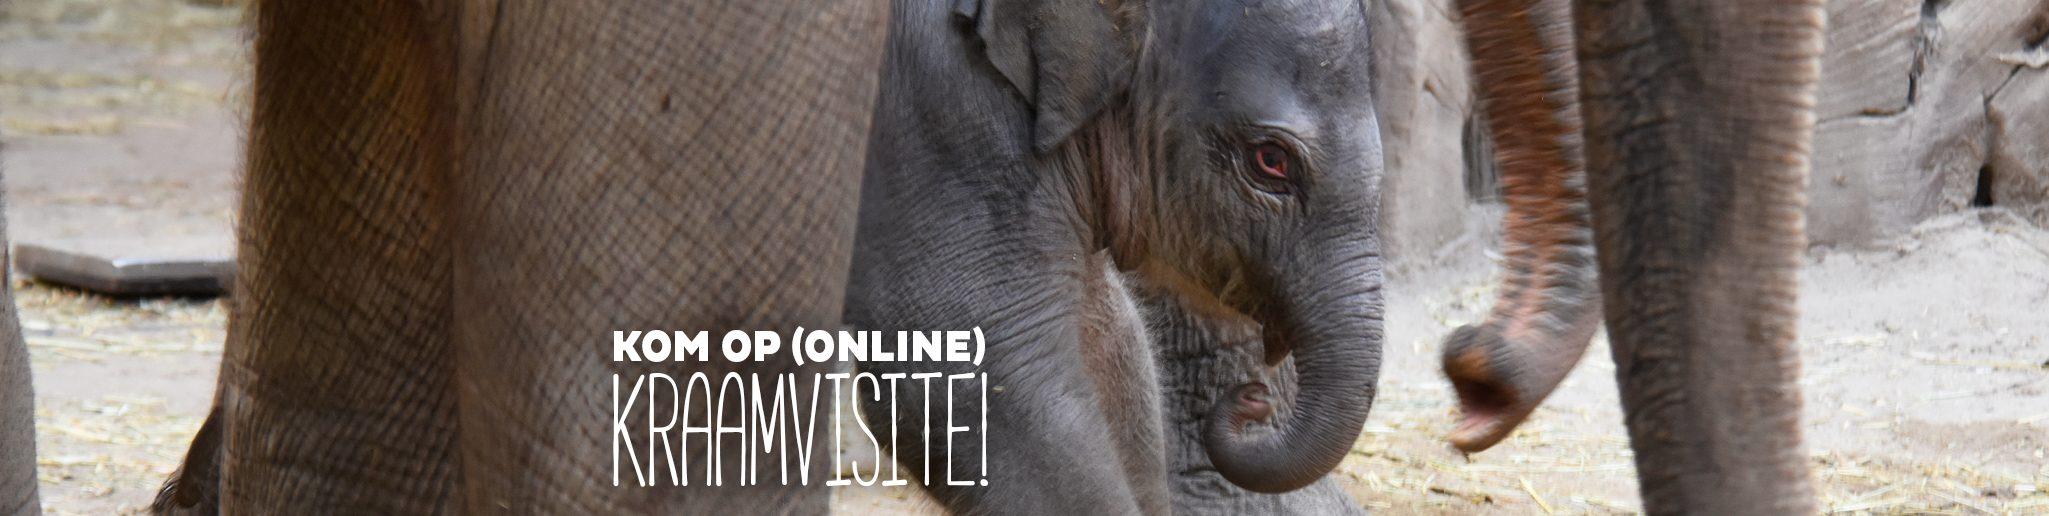 pasgeboren olifantje 2021